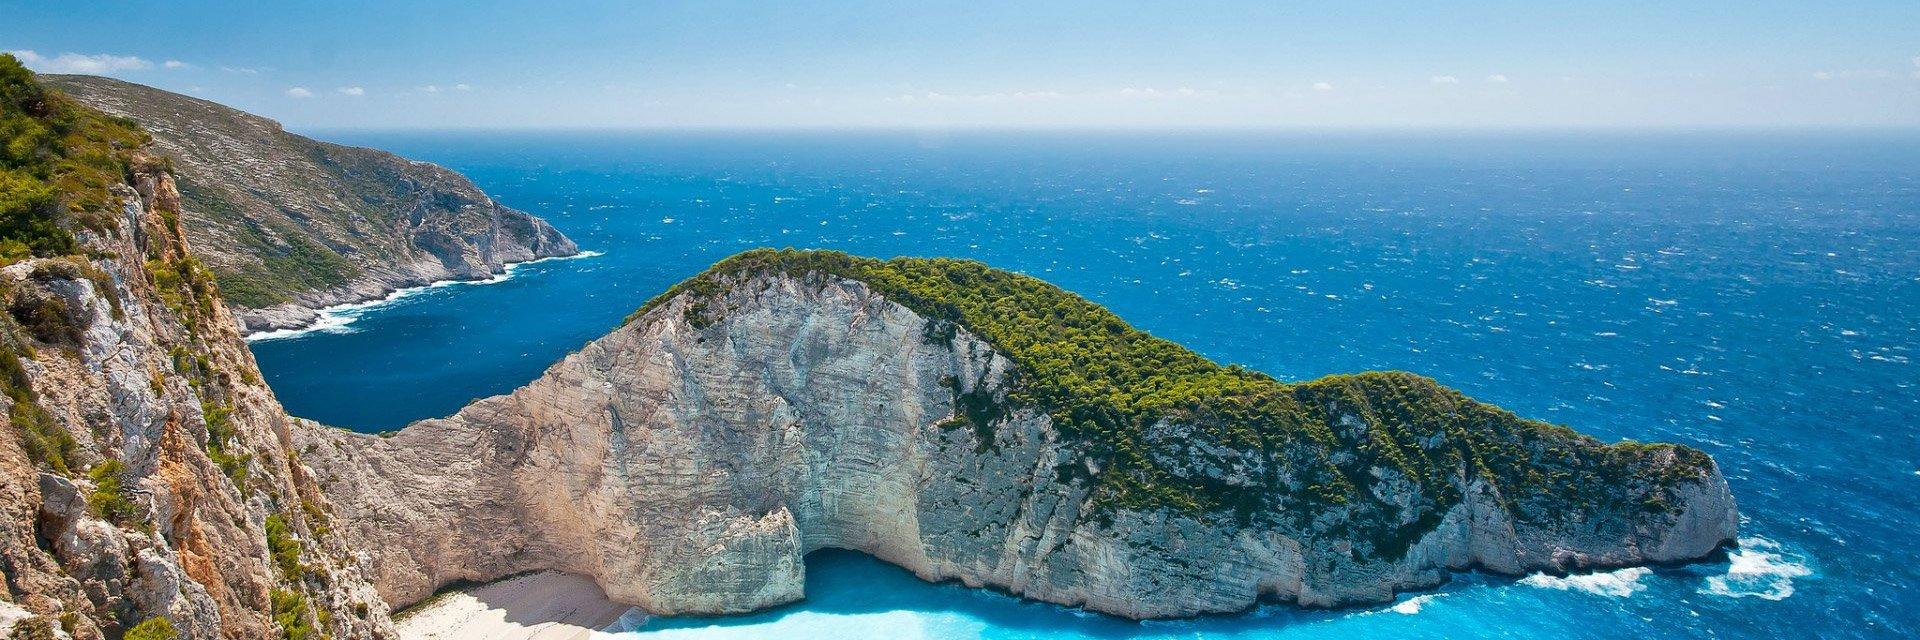 Туры на курорт Берат (Албания) на 12 дней / 11 ночей 2021 из Москвы - цены, путевки на отдых на курорте Берат на двенадцать дней - ПАКС